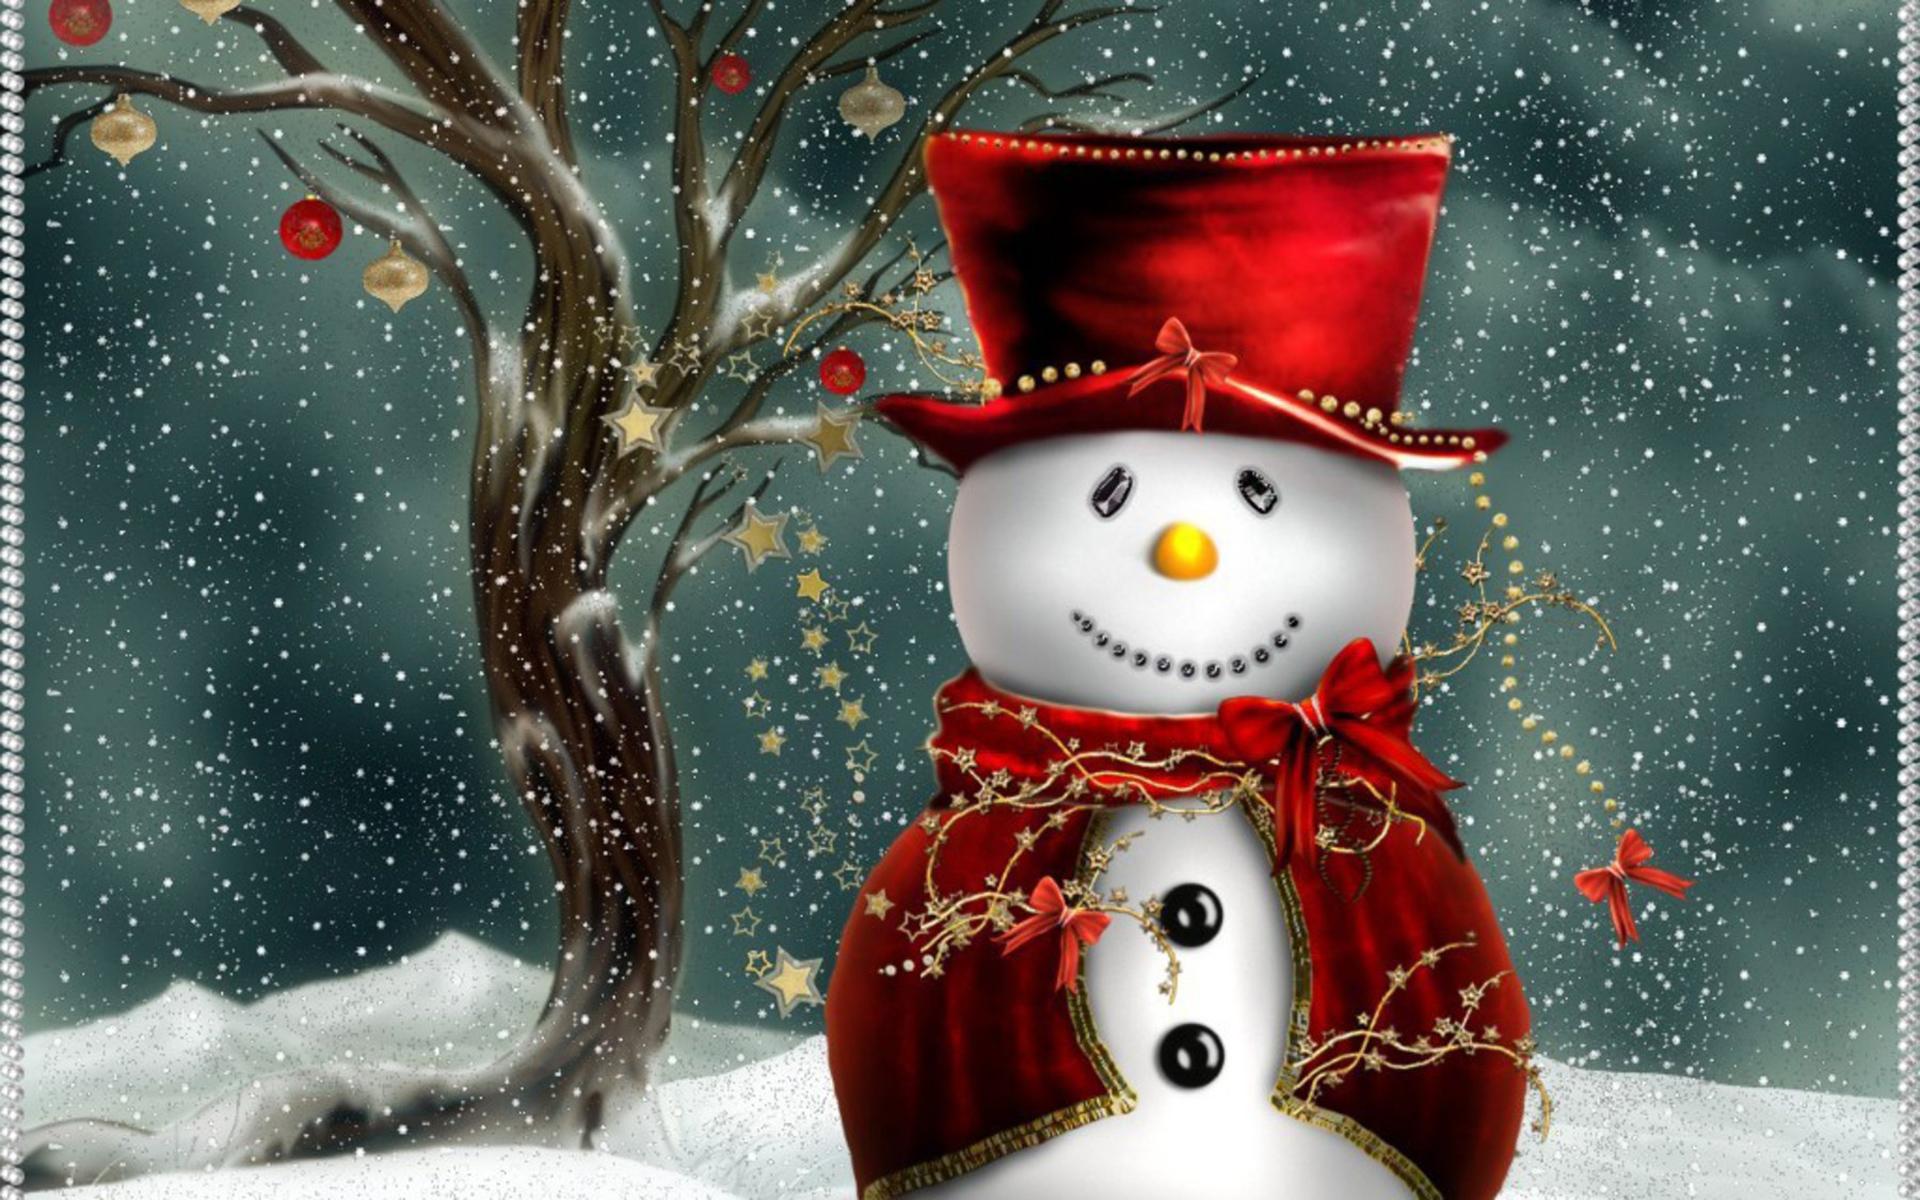 free desktop wallpaper of cute christmas snowman computer desktop 1920x1200